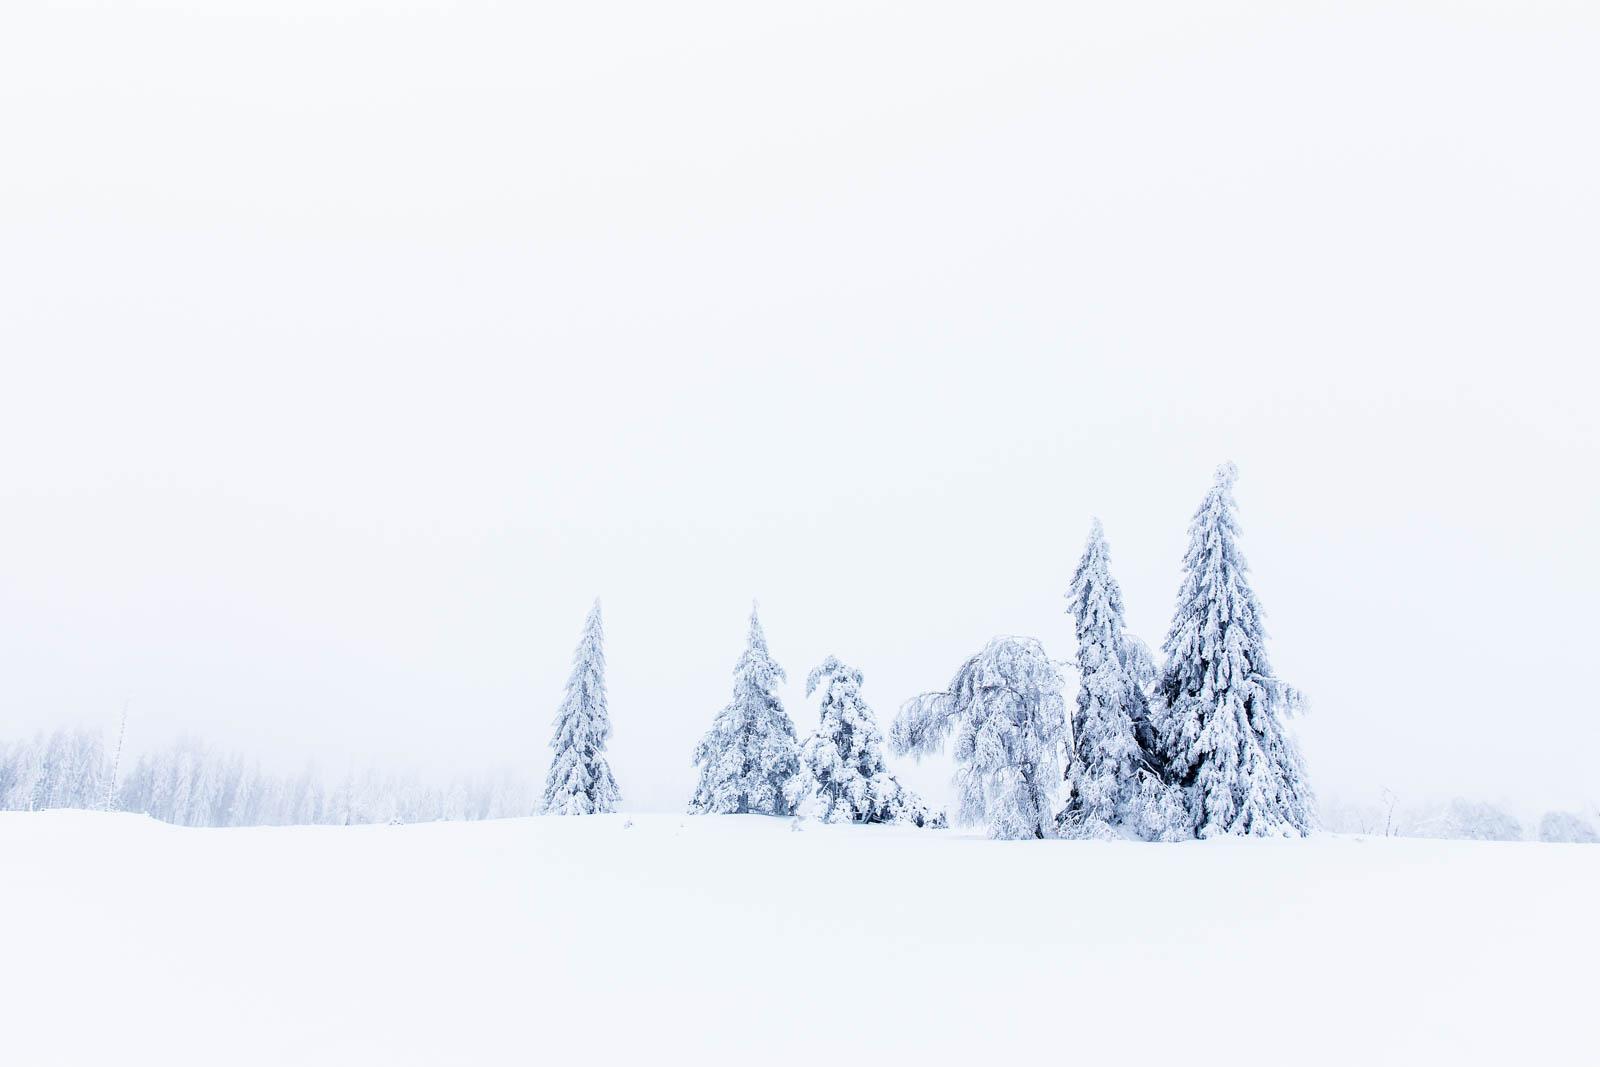 Whiteout im Schwarzwald Schnee Bäume